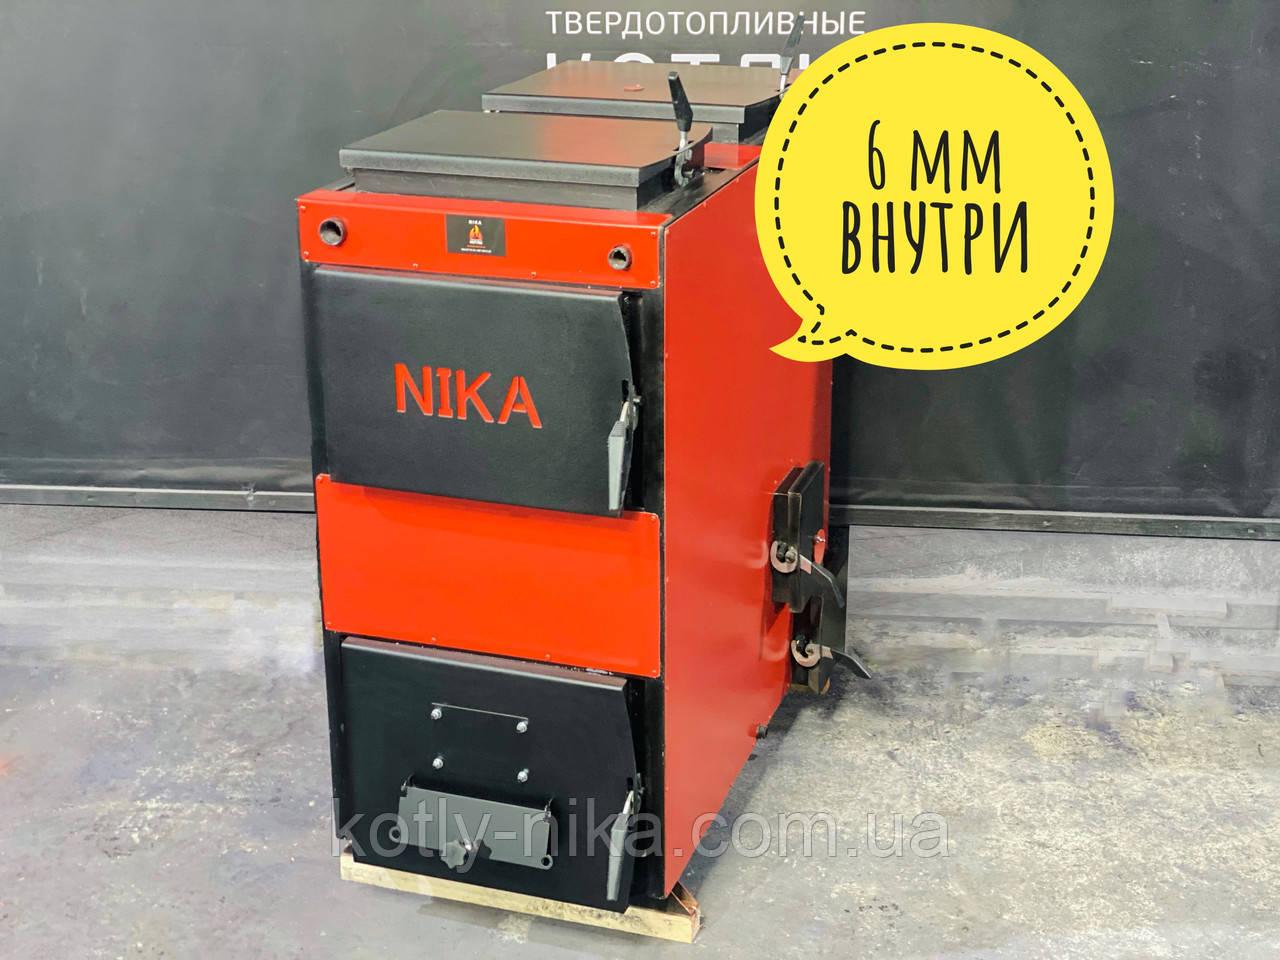 Котел Питон Универсальный 17 кВт МЕТАЛЛ 6 мм